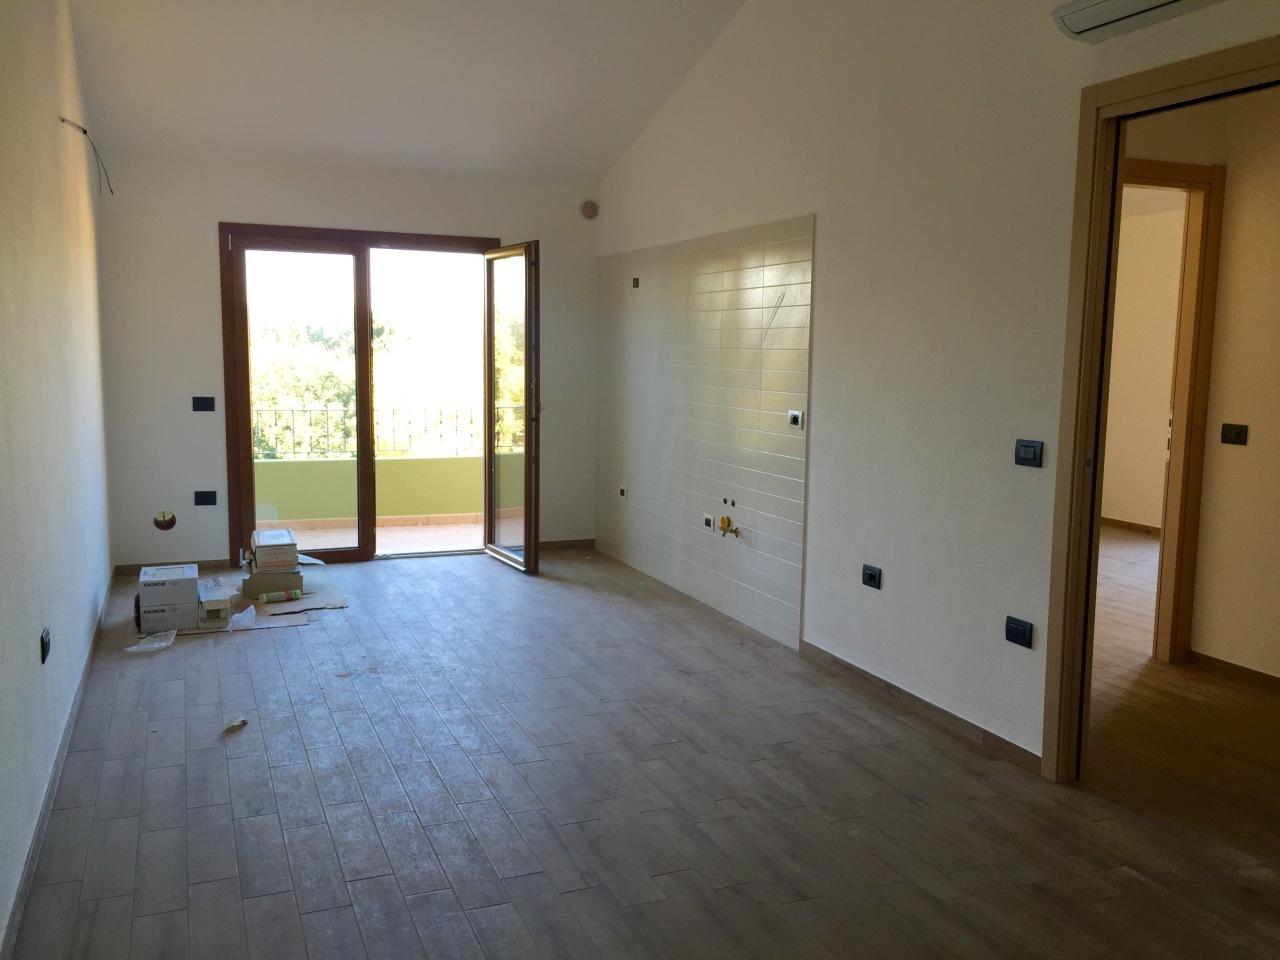 Appartamento in vendita a Decimomannu, 3 locali, prezzo € 100.000 | Cambio Casa.it